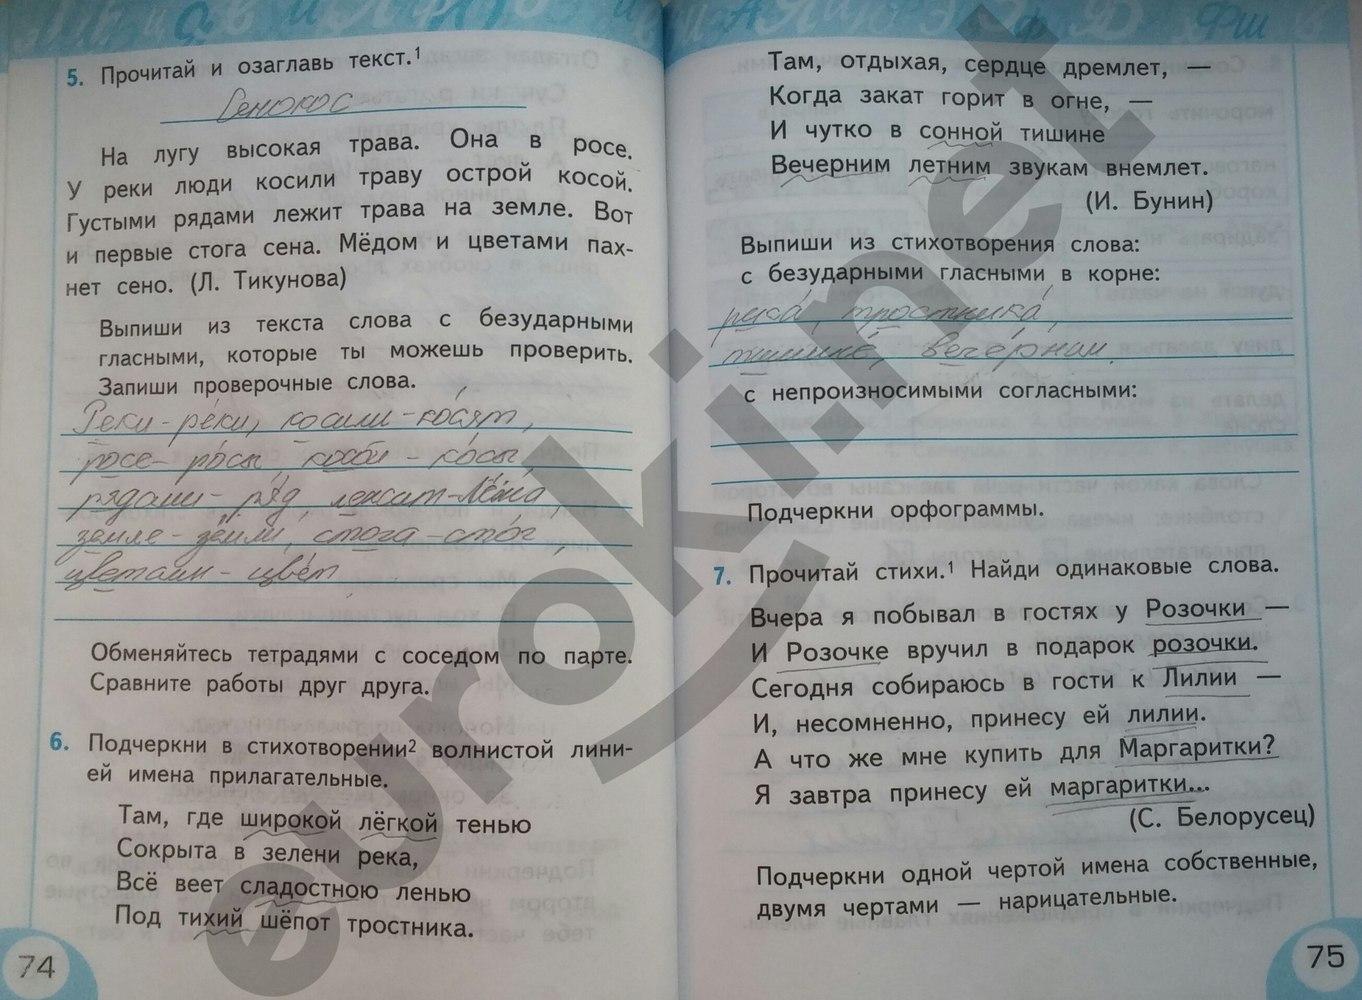 гдз по русскому языку 4 класса рабочая тетрадь 2 часть тихомирова